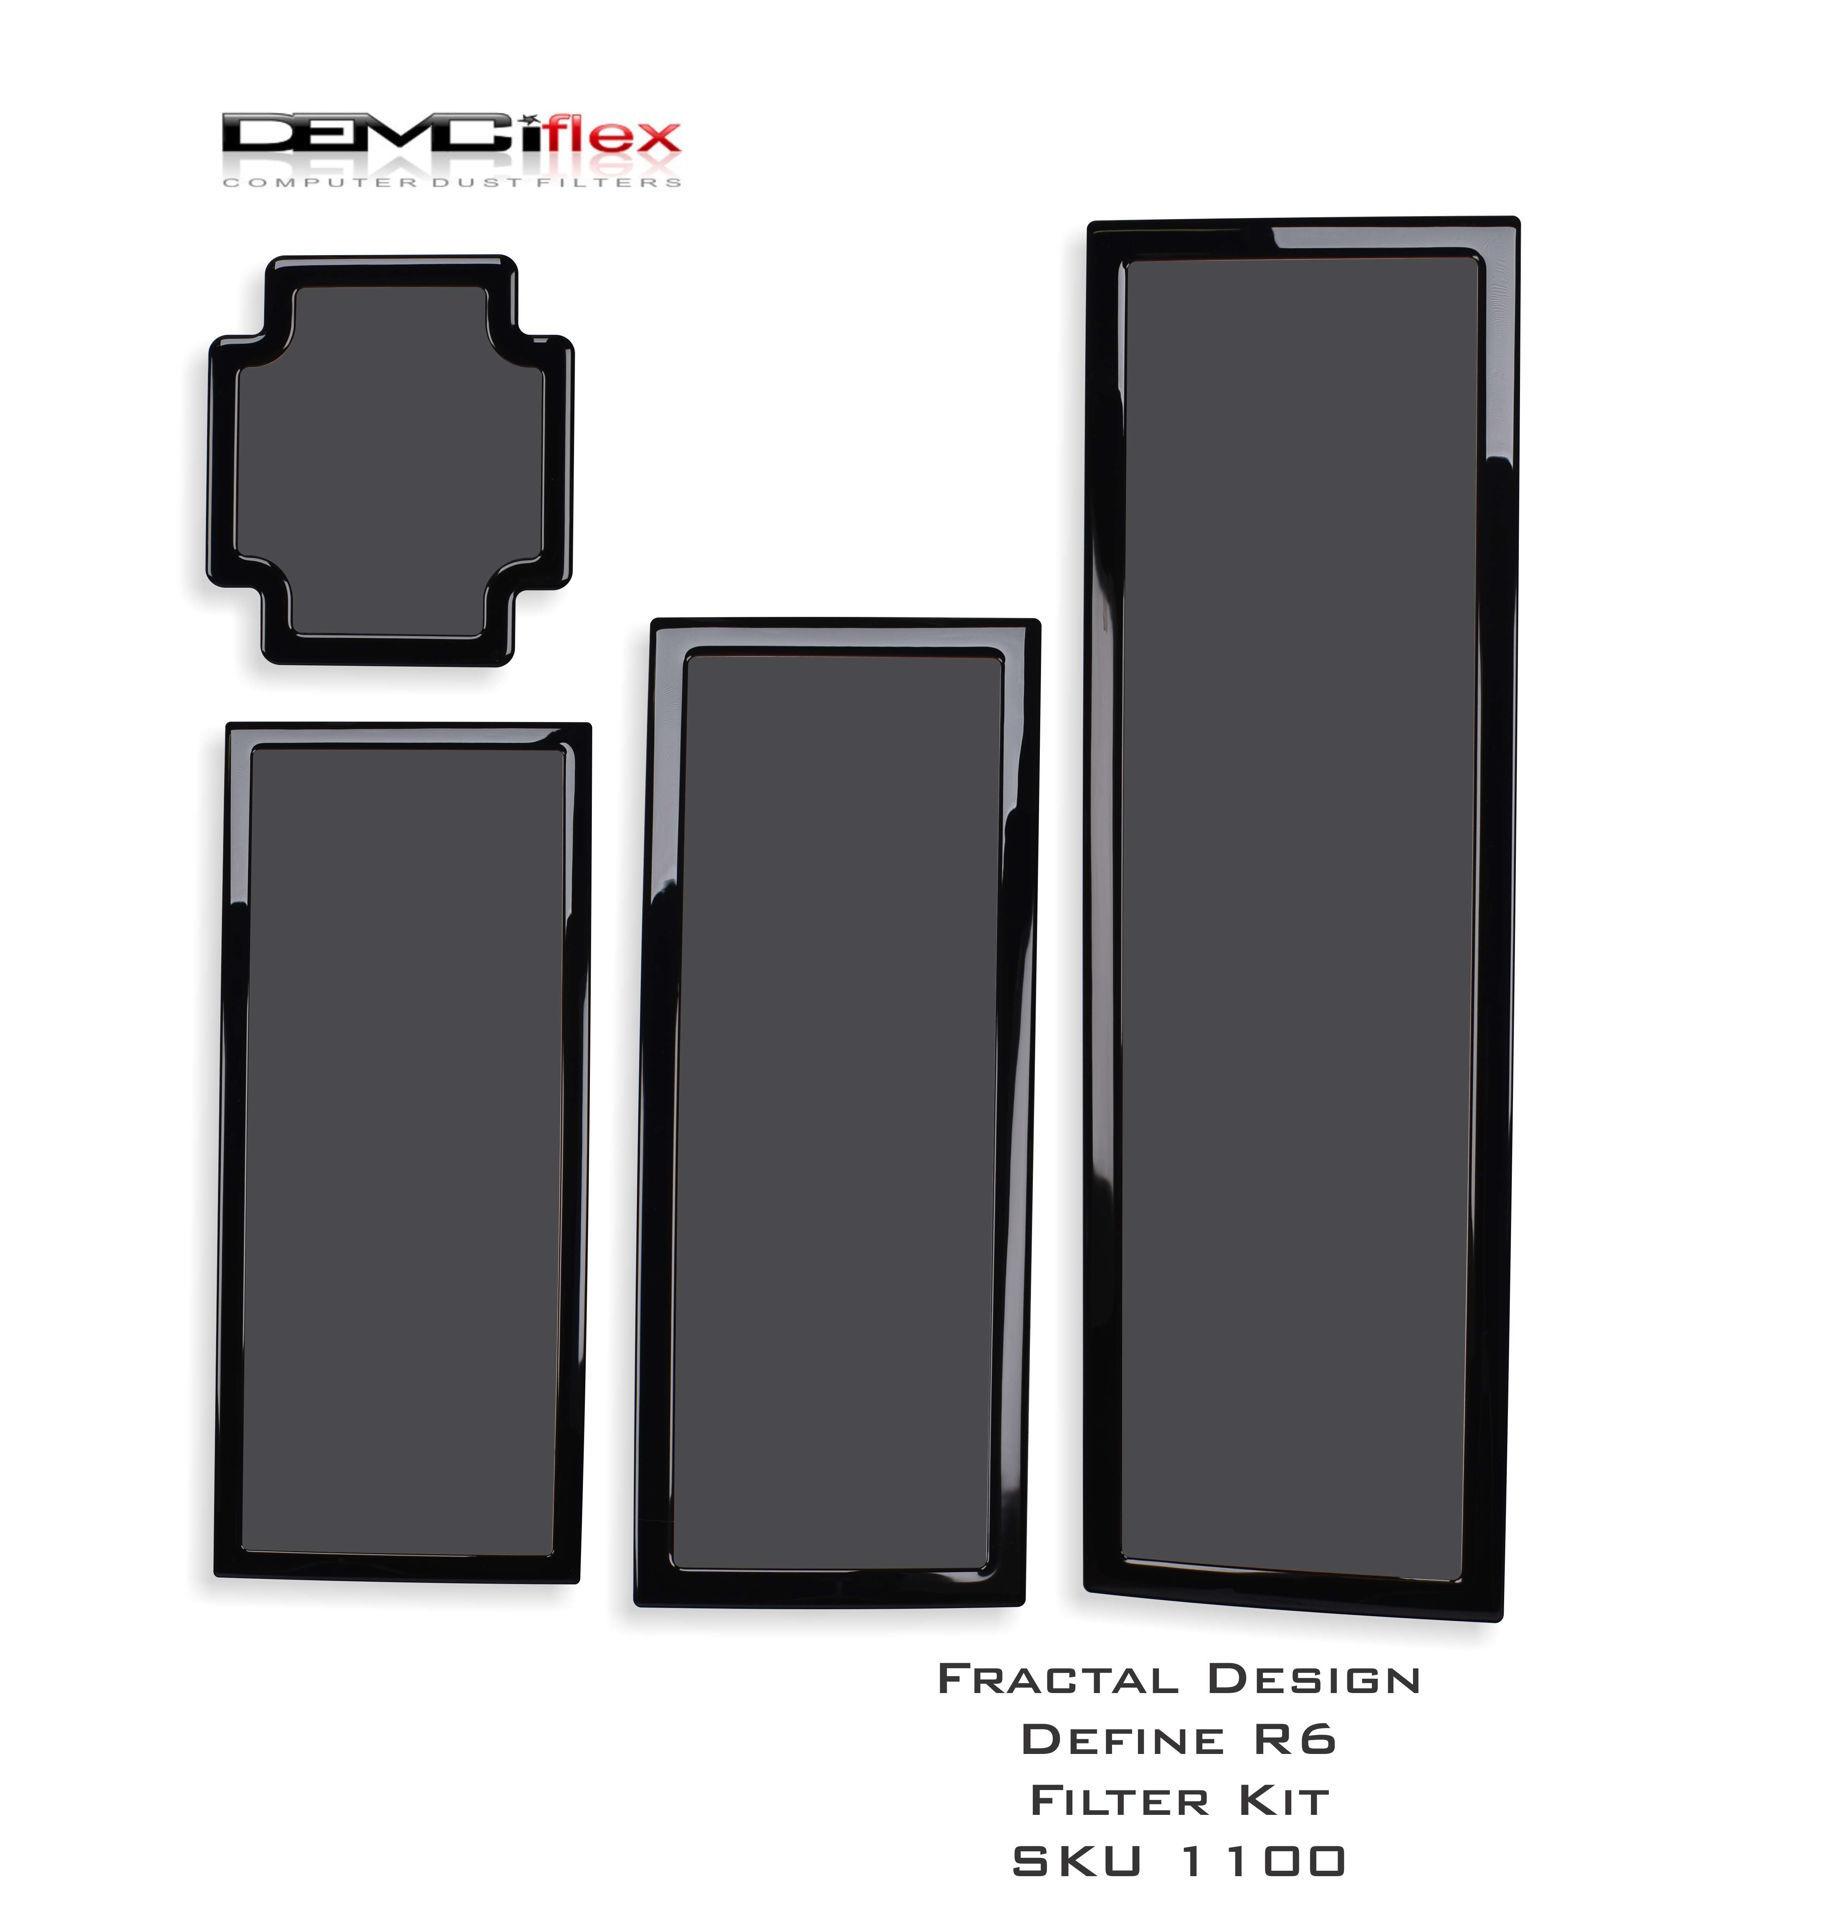 Picture of Fractal Design Define R6 Filter Kit